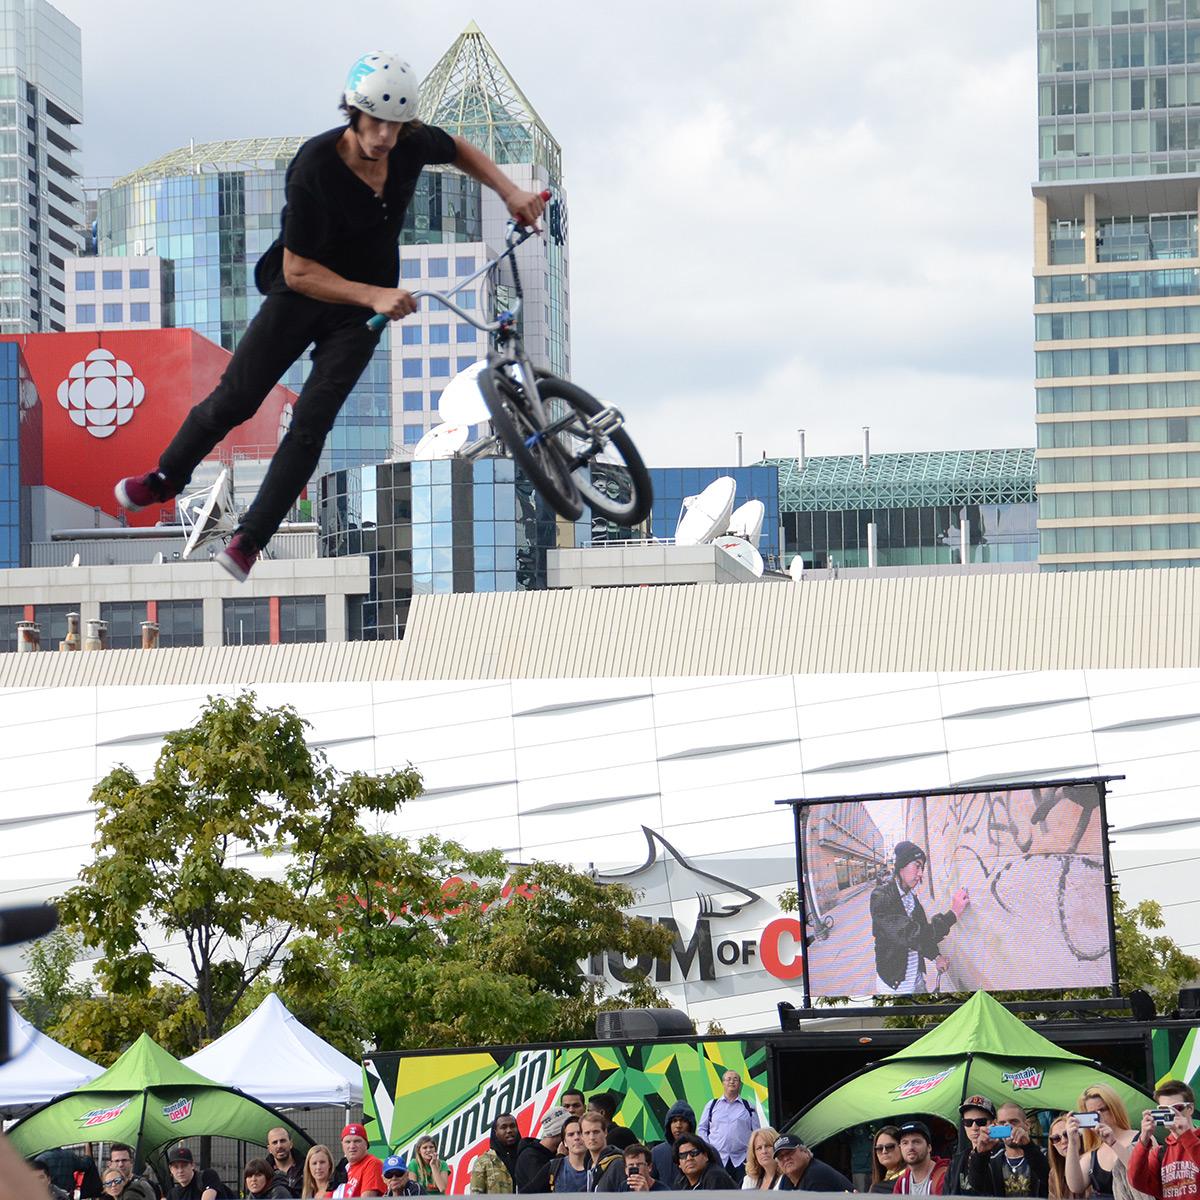 Joel Bondu whips at BMX Dew Tour Am Series in Toronto